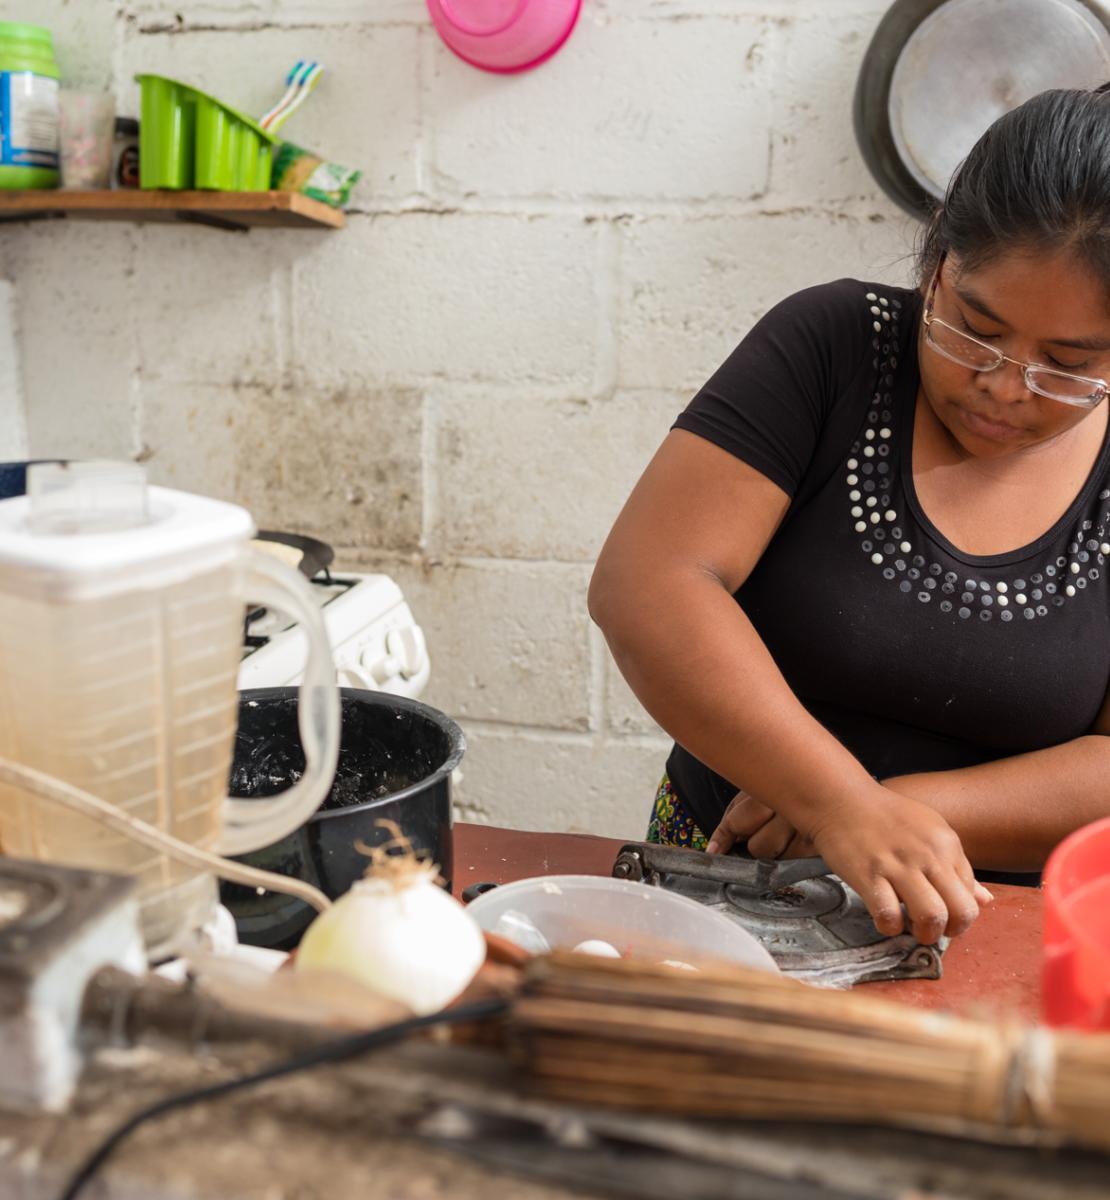 Une femme vêtue d'un haut noir prépare un repas dans une cuisine.